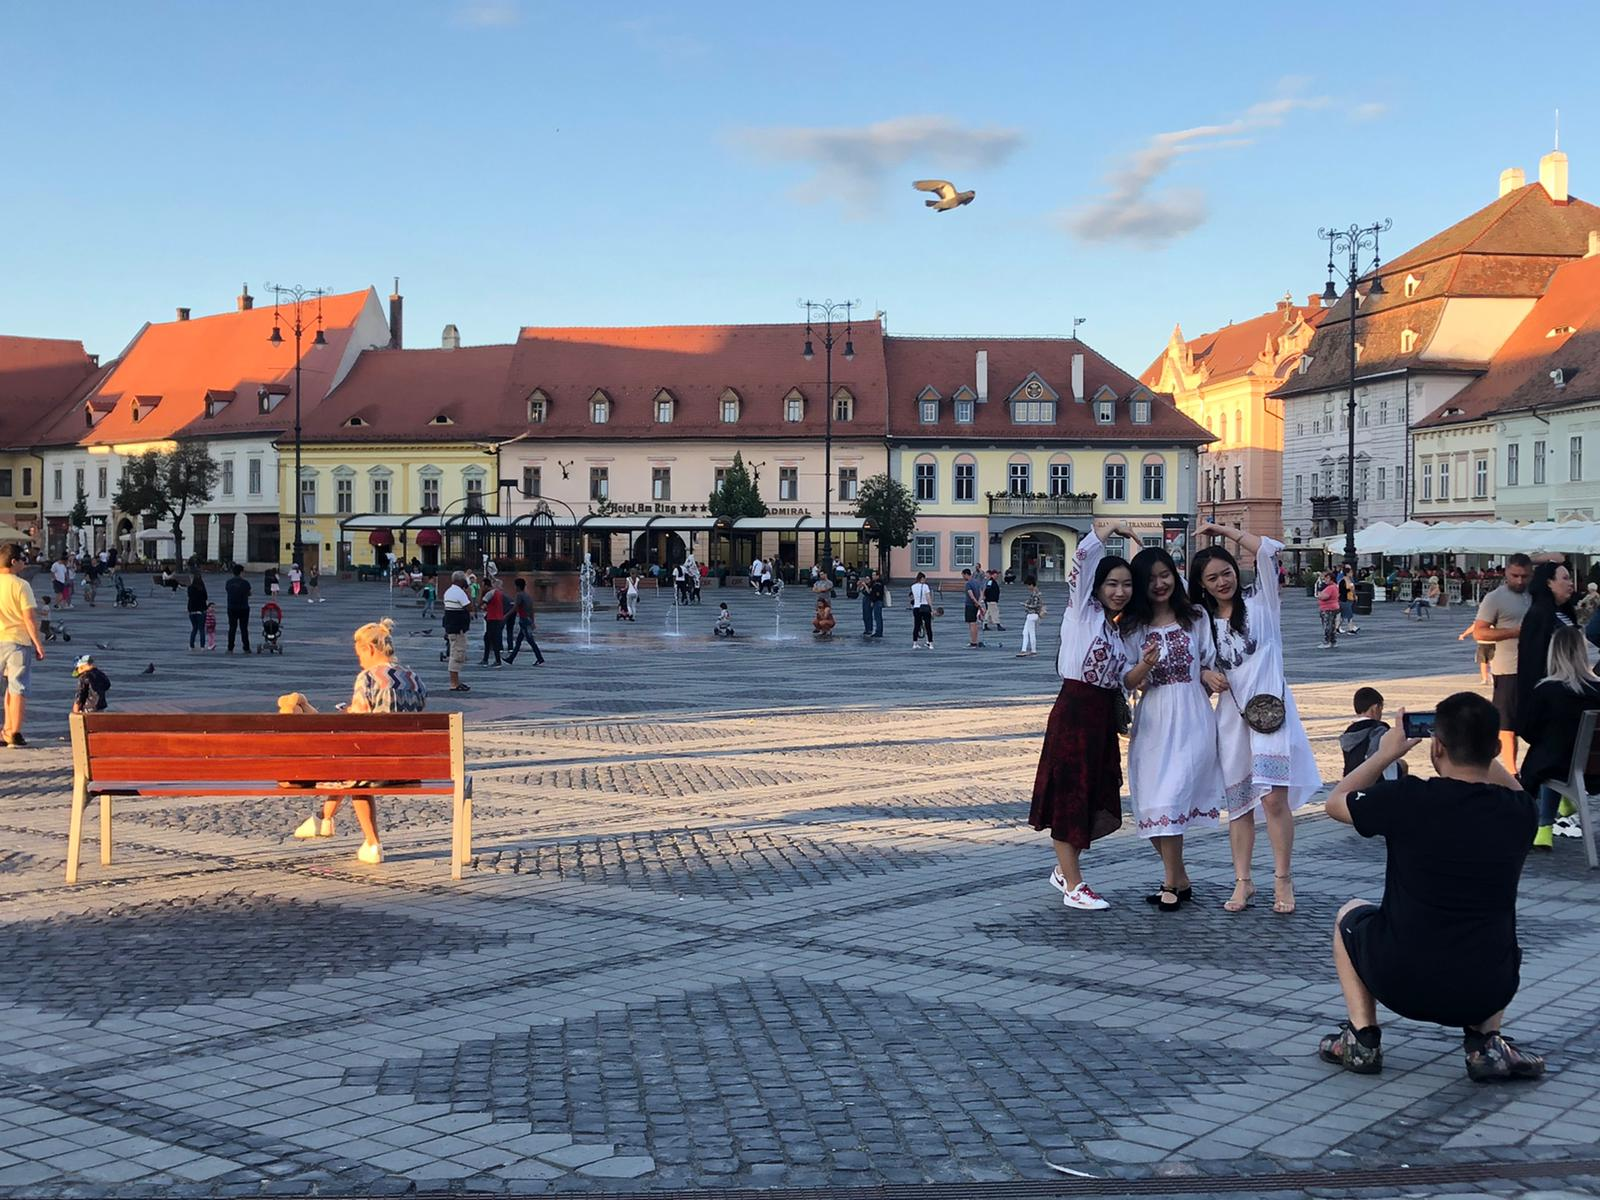 Masca de protecție devine obligatorie și în Sibiu. Prefect: Trebuie să fie responsabili